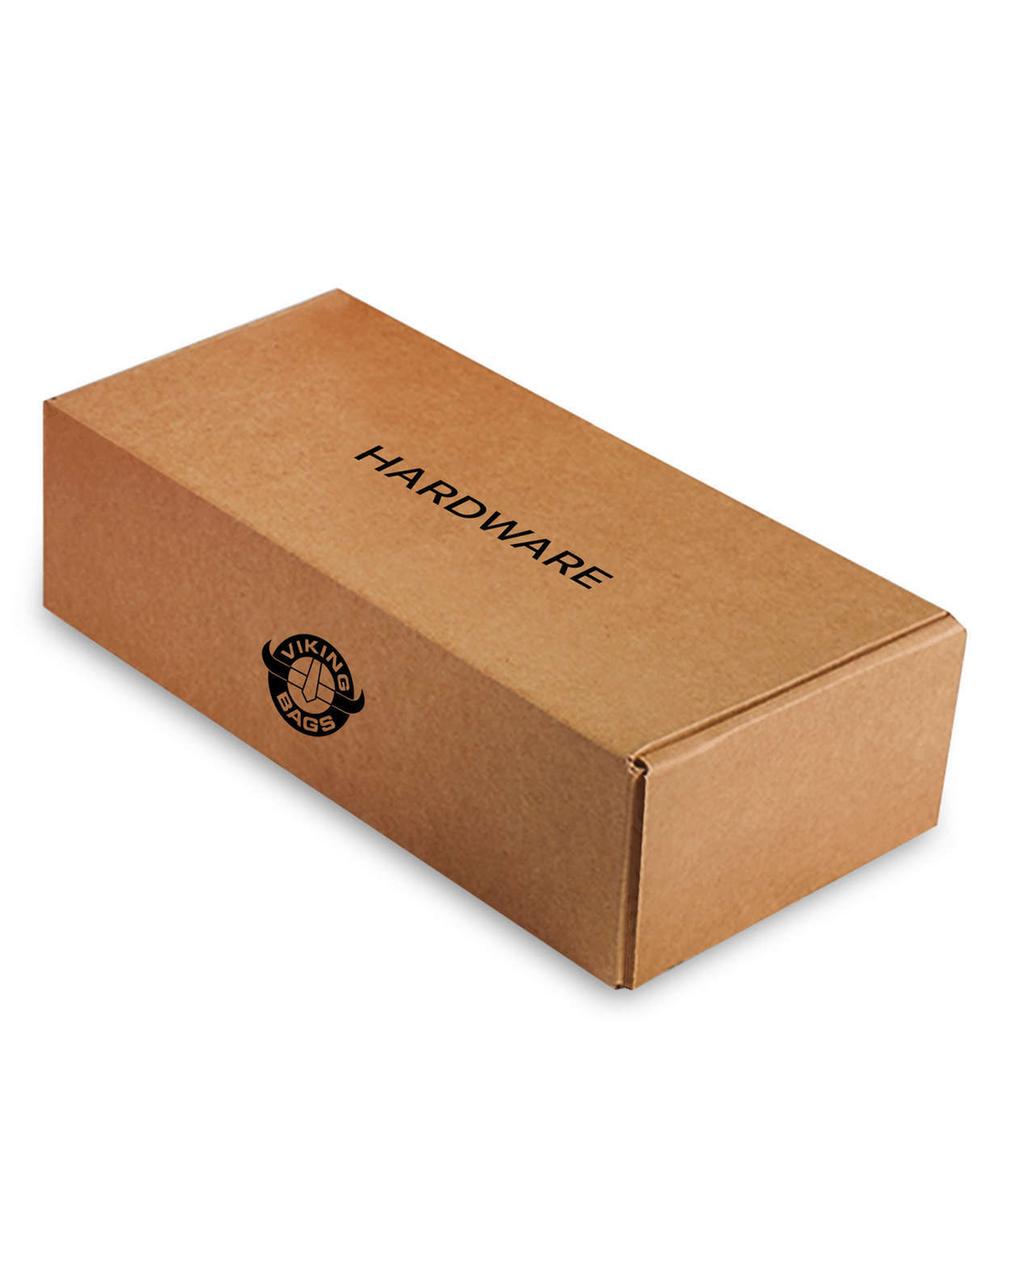 Honda VTX 1300 C Medium Charger Slanted Motorcycle Saddlebags Hardware Box